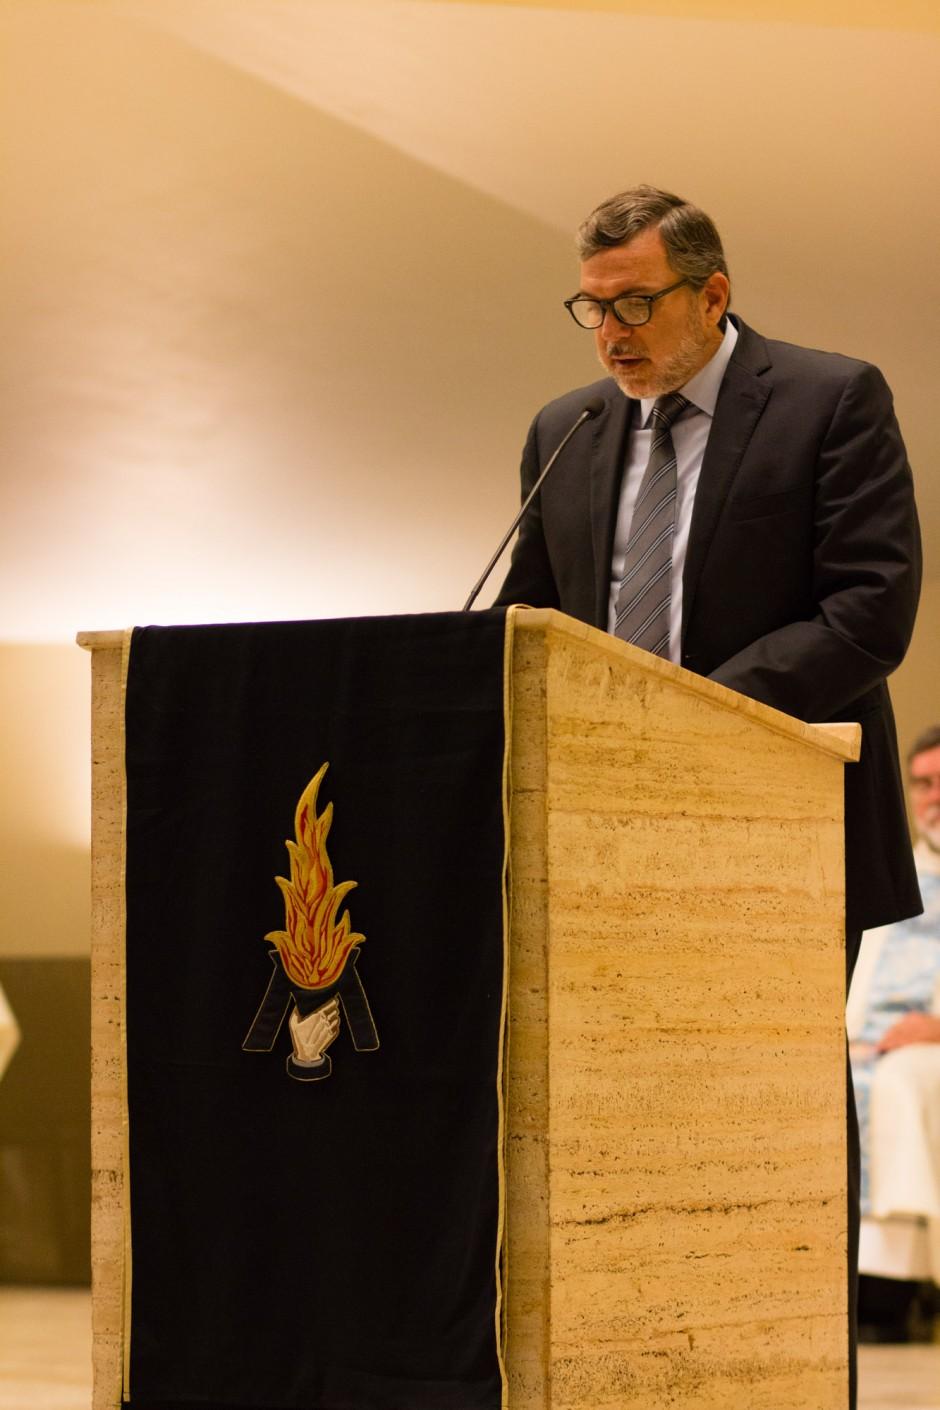 Profesión Perpetua en el Sodalicio de José Miguel Montoya y Mijailo Bokan (6)